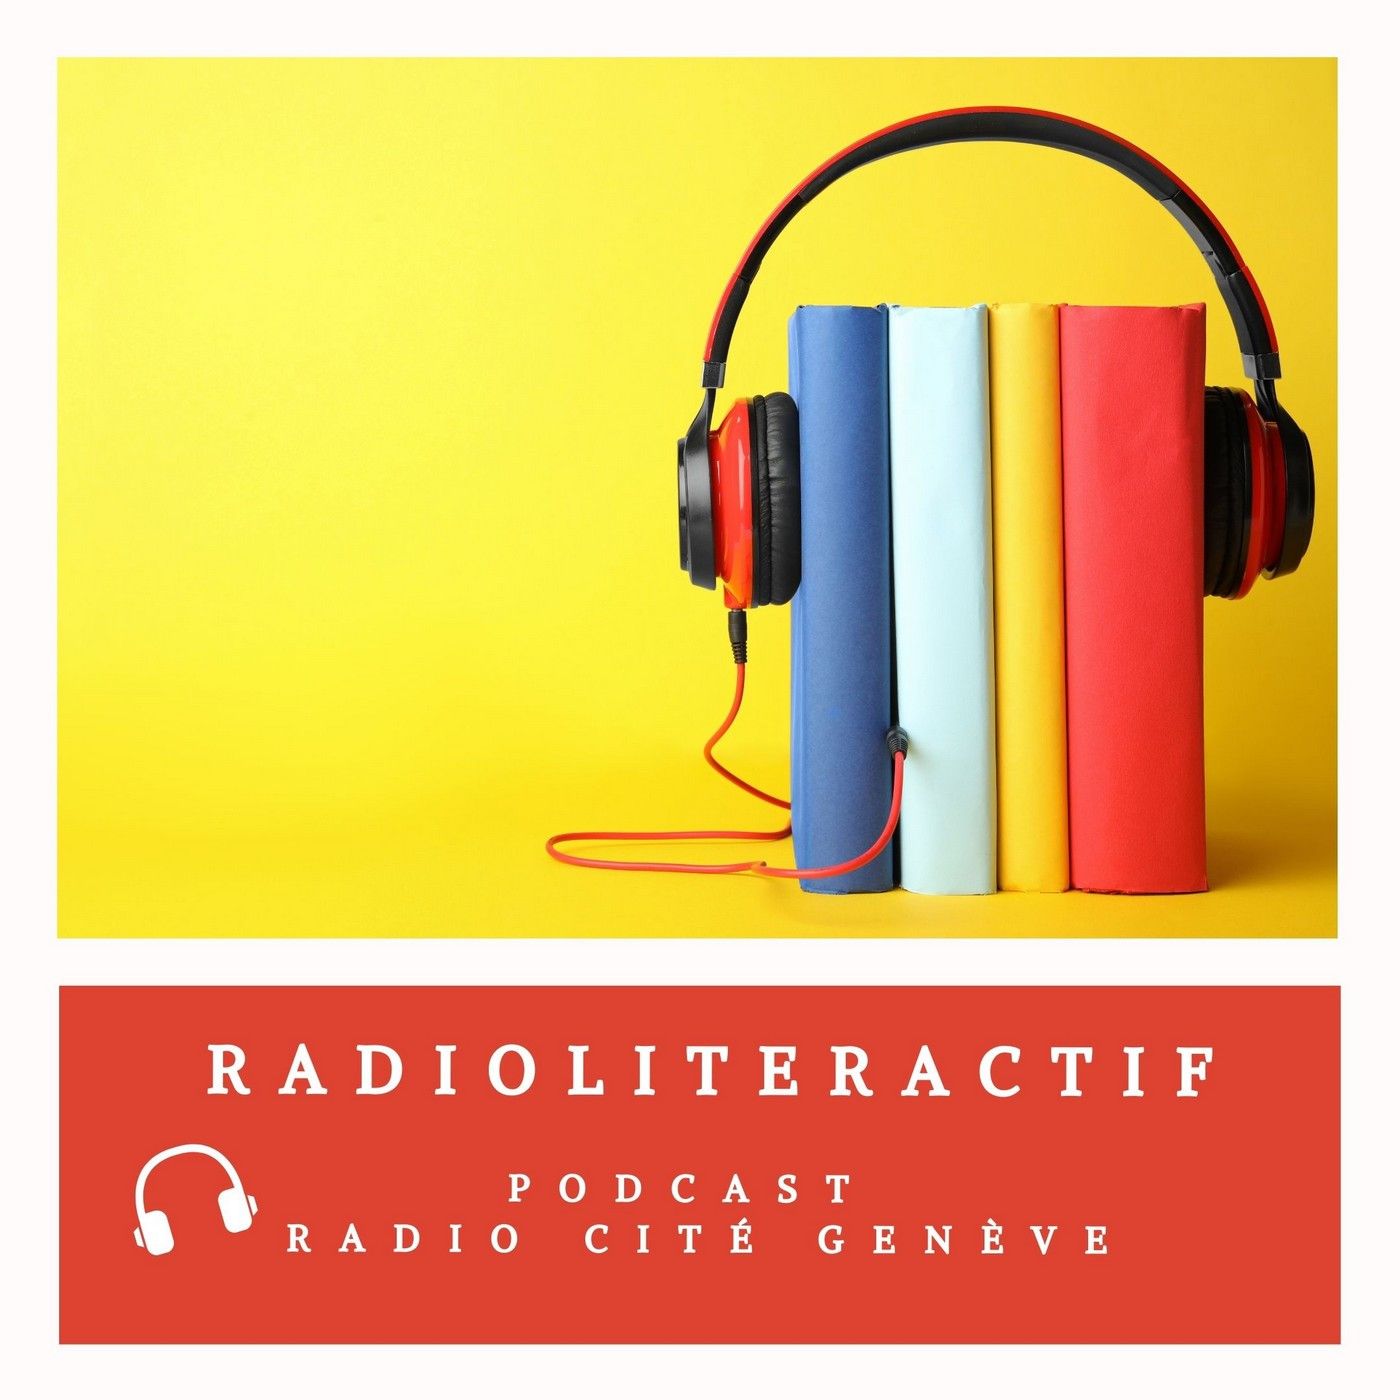 Radioliteractif du 05/10/20 - Yann Courtiau